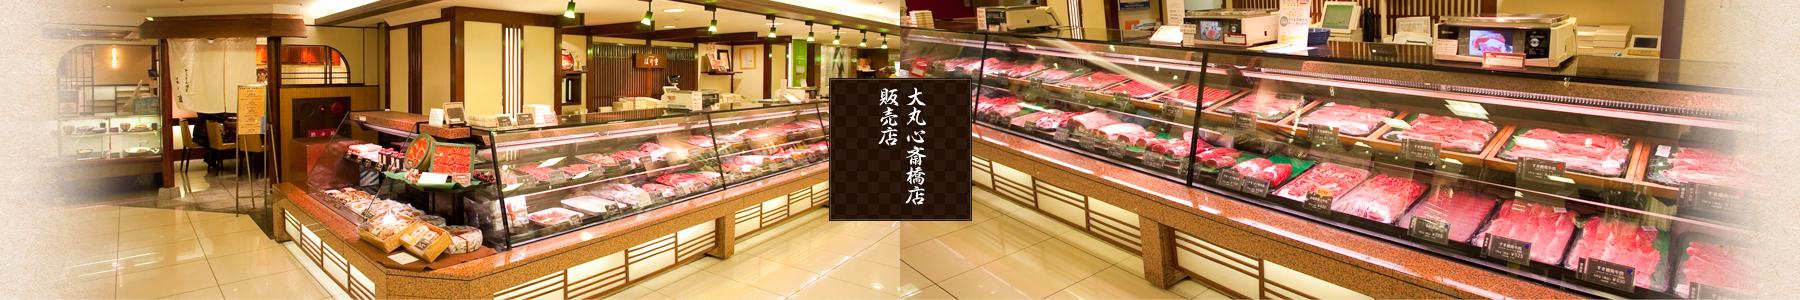 大丸心斎橋店販売店のイメージ